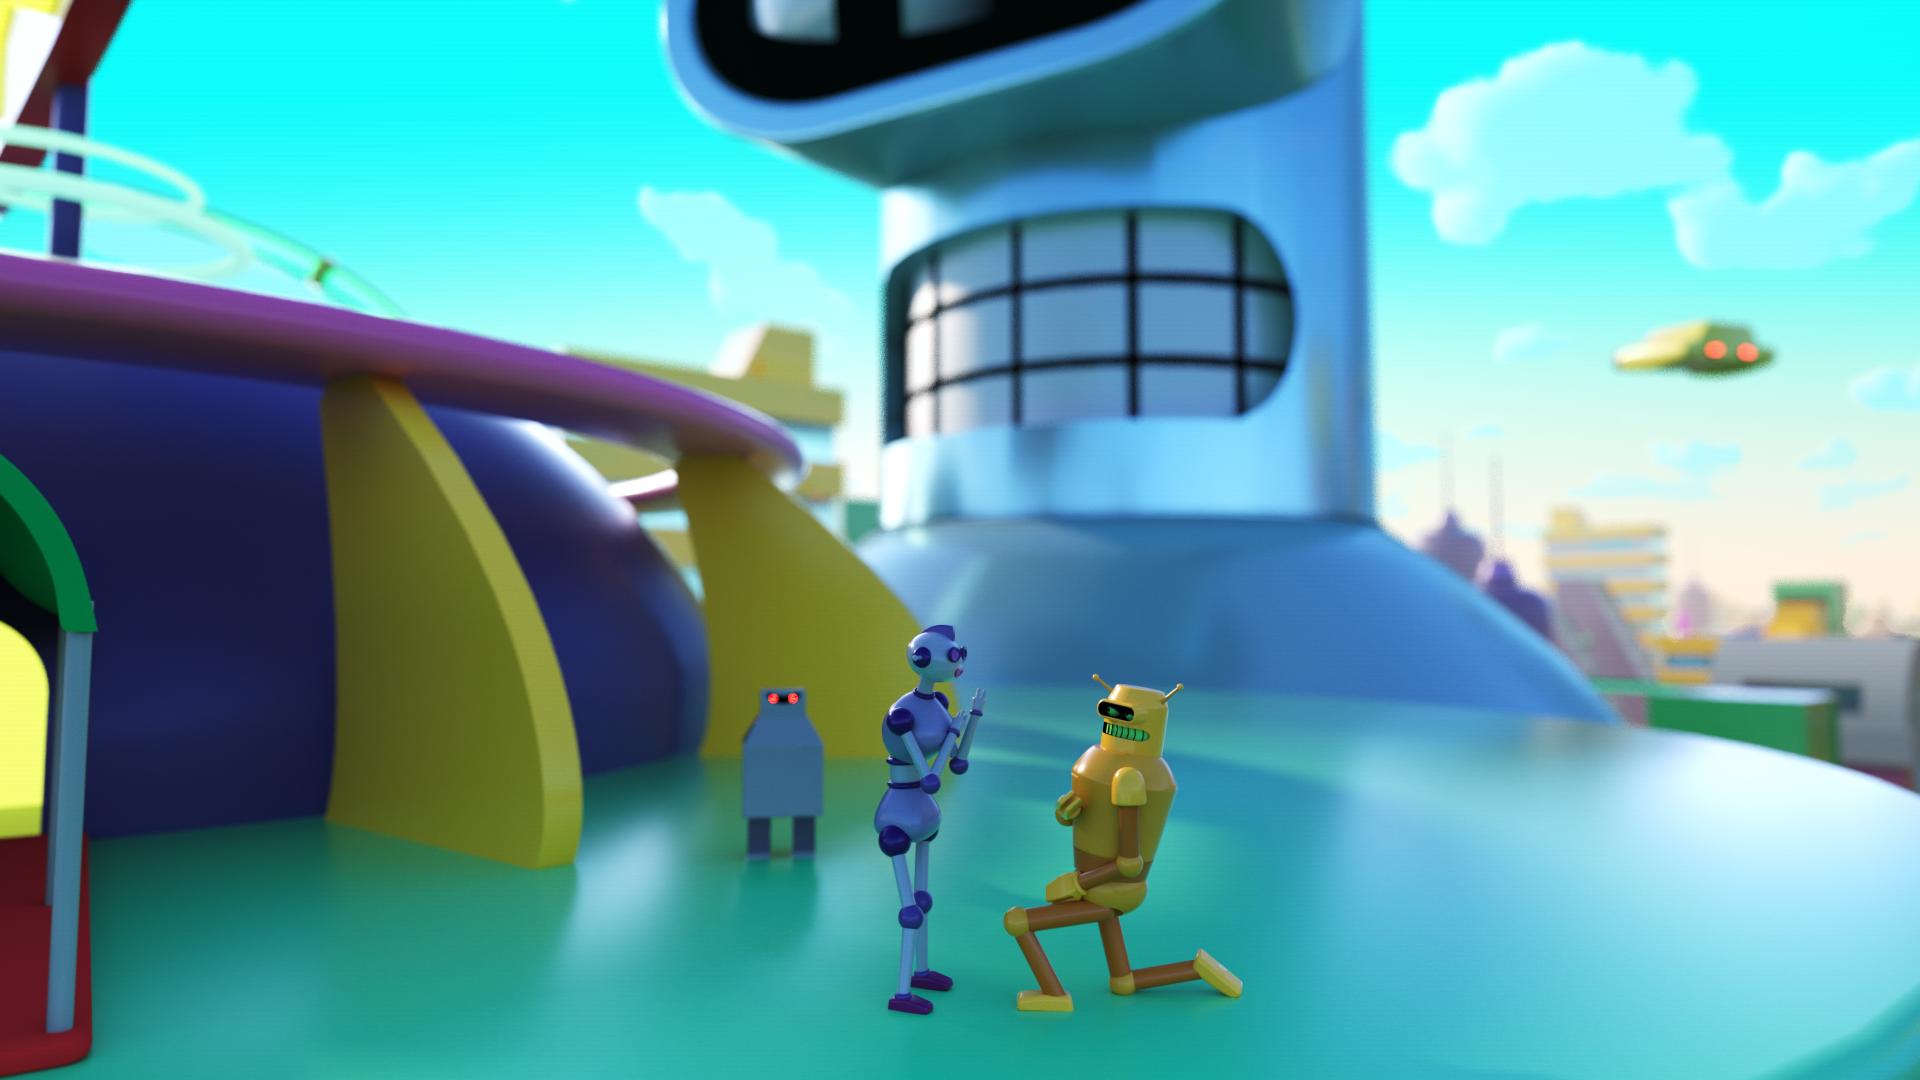 Bender_V02 (0-00-31-11)